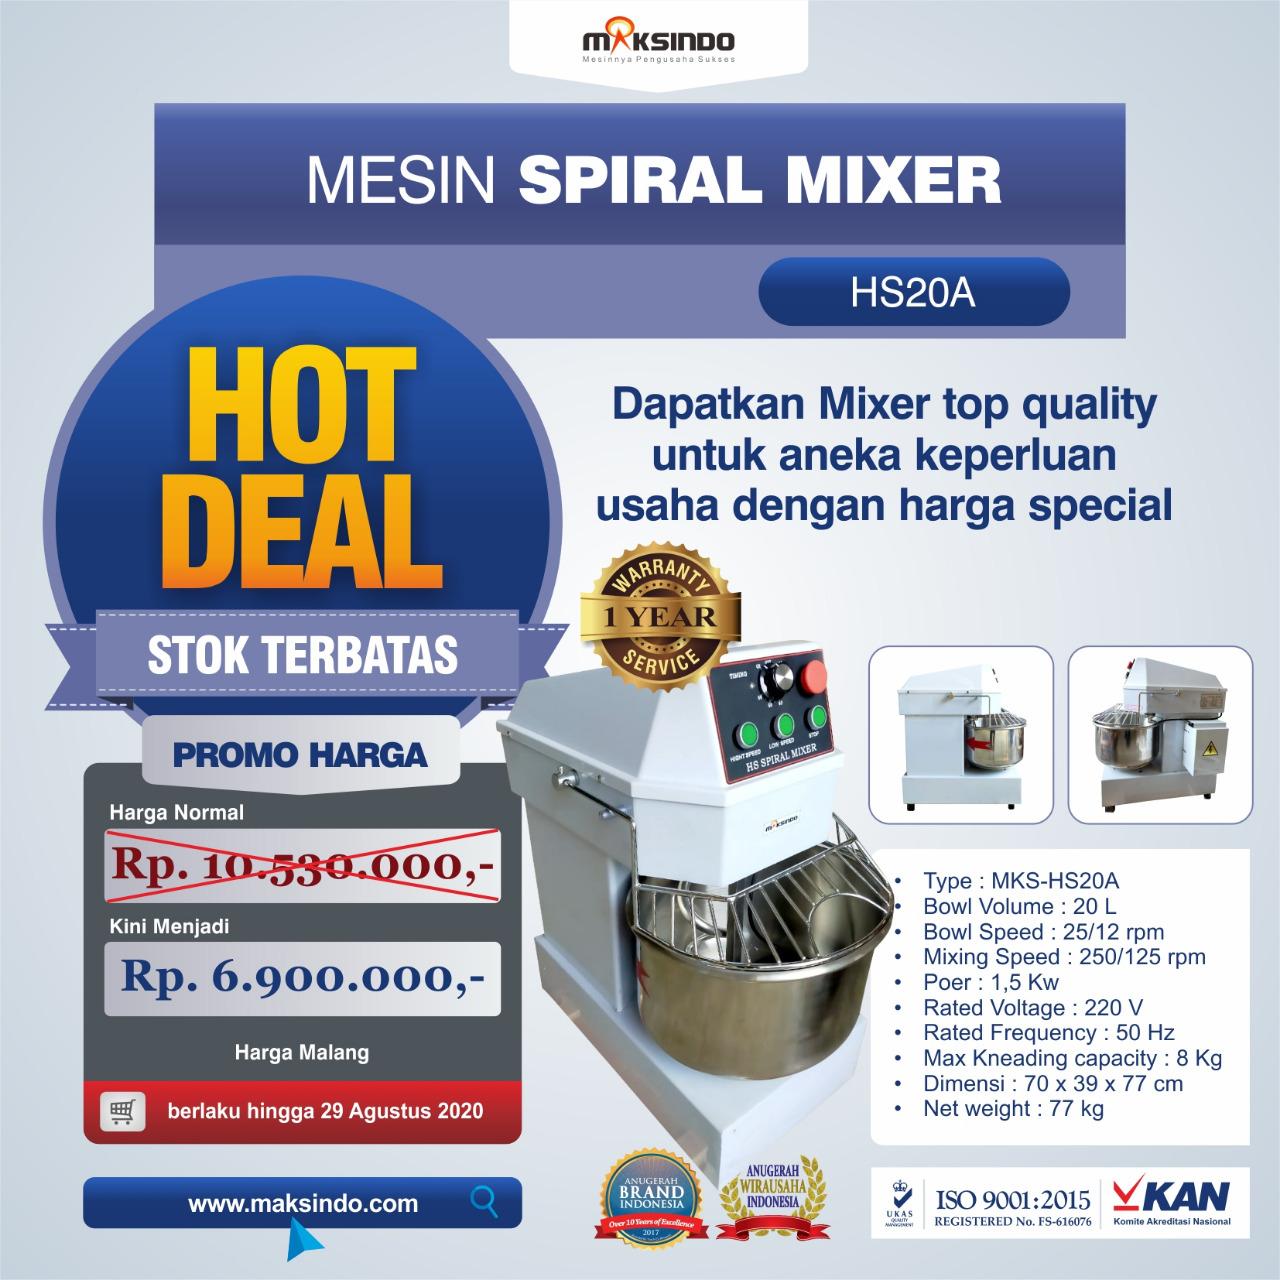 Jual Mesin Mixer Roti SPIRAL MKS-HS20A di Medan